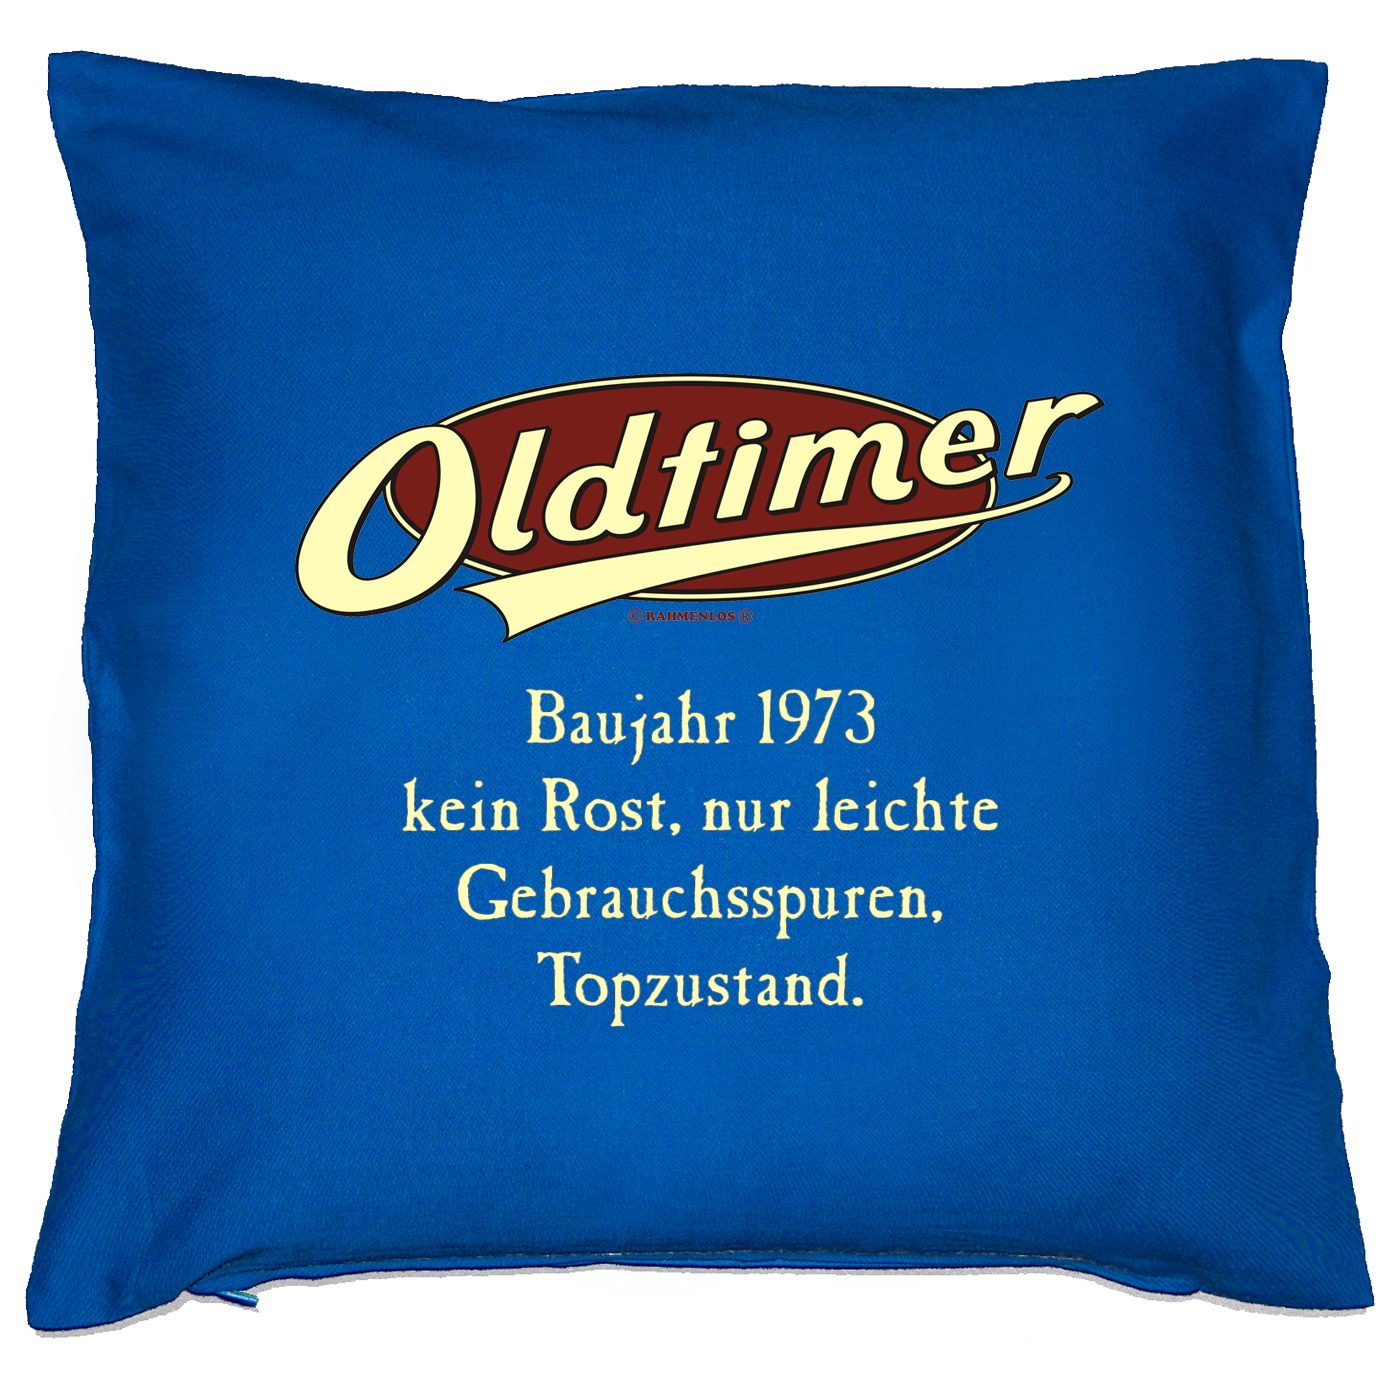 Kissen mit Innenkissen – OLDTIMER BAUJAHR 1973 – kein Rost, nur leichte Gebrauchsspuren, Topzustand. – zum 40. Geburtstag Geschenk – 40 x 40 cm – in royal-blau online kaufen